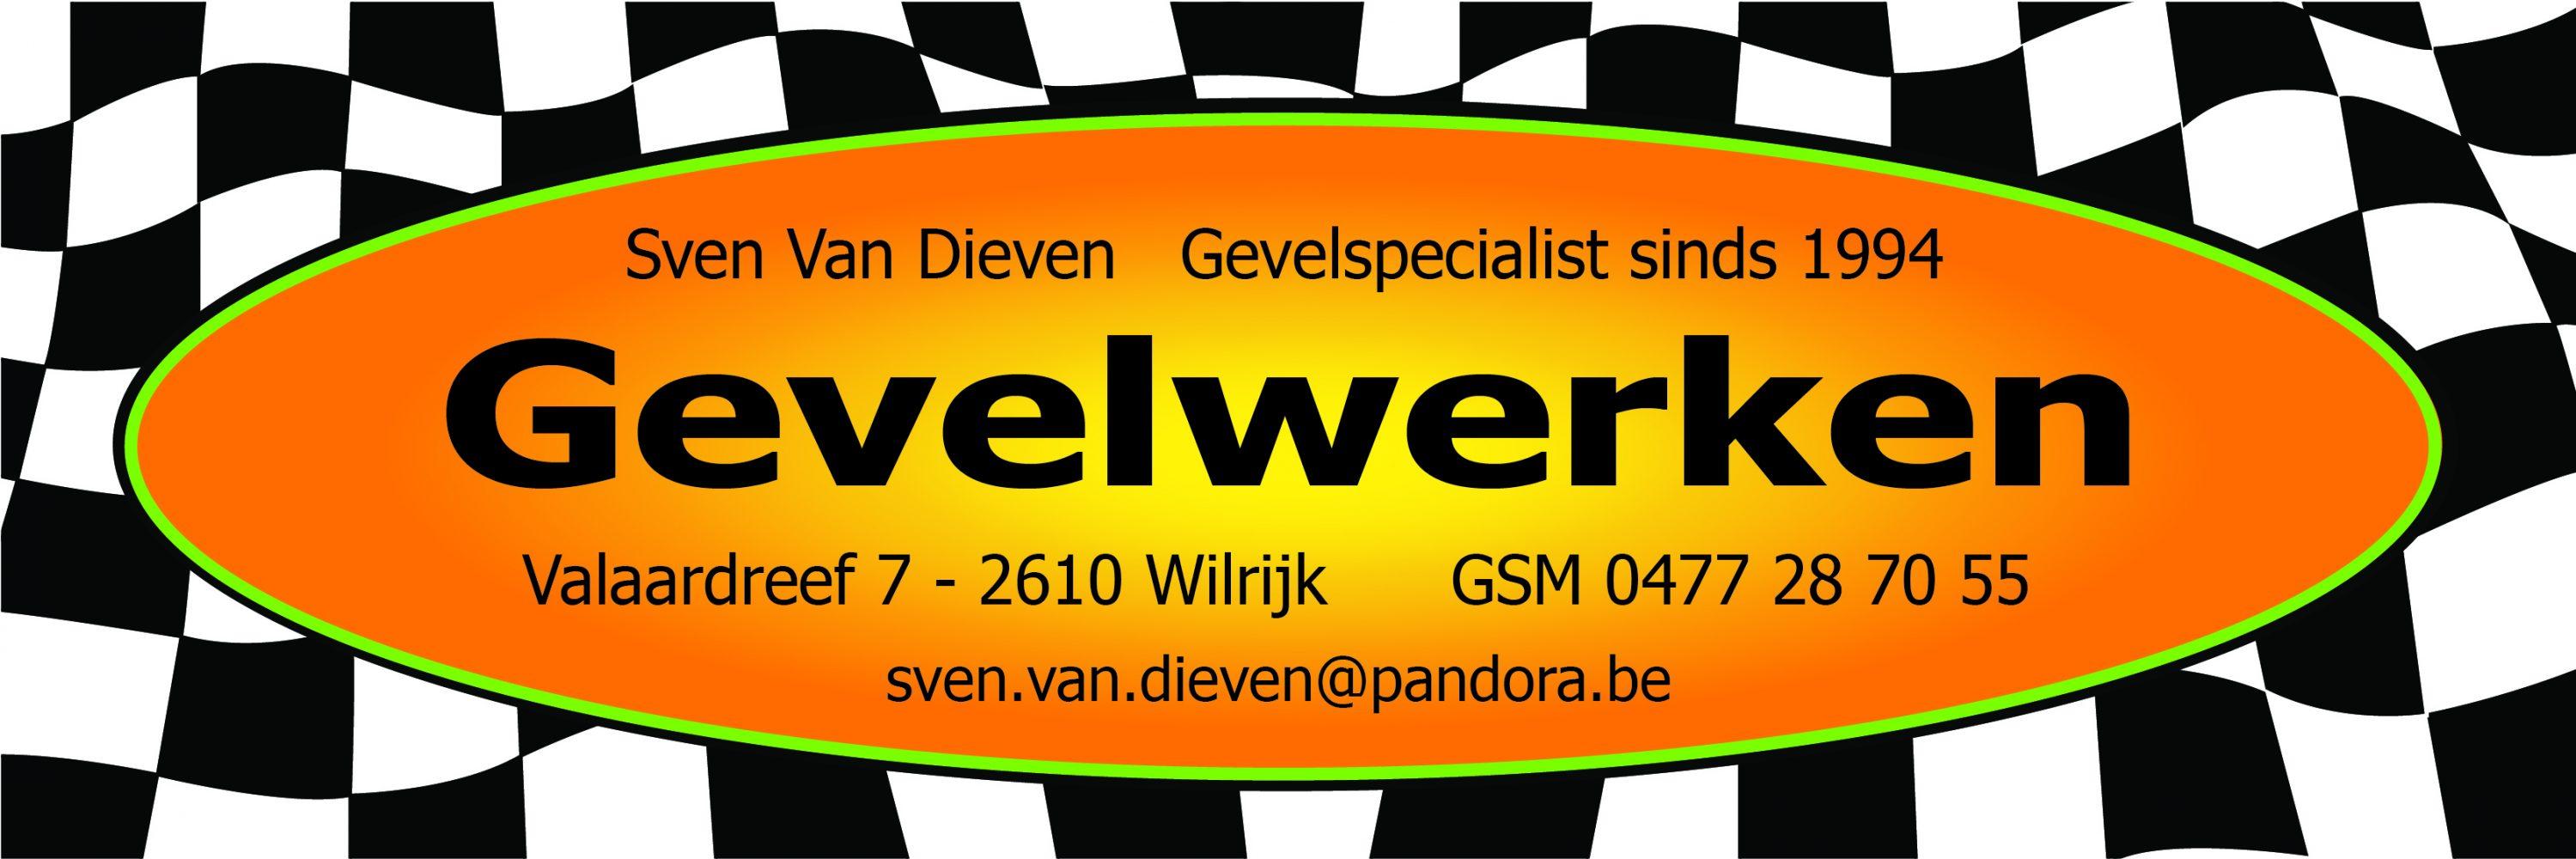 Sven Van Dieven Gevelwerken